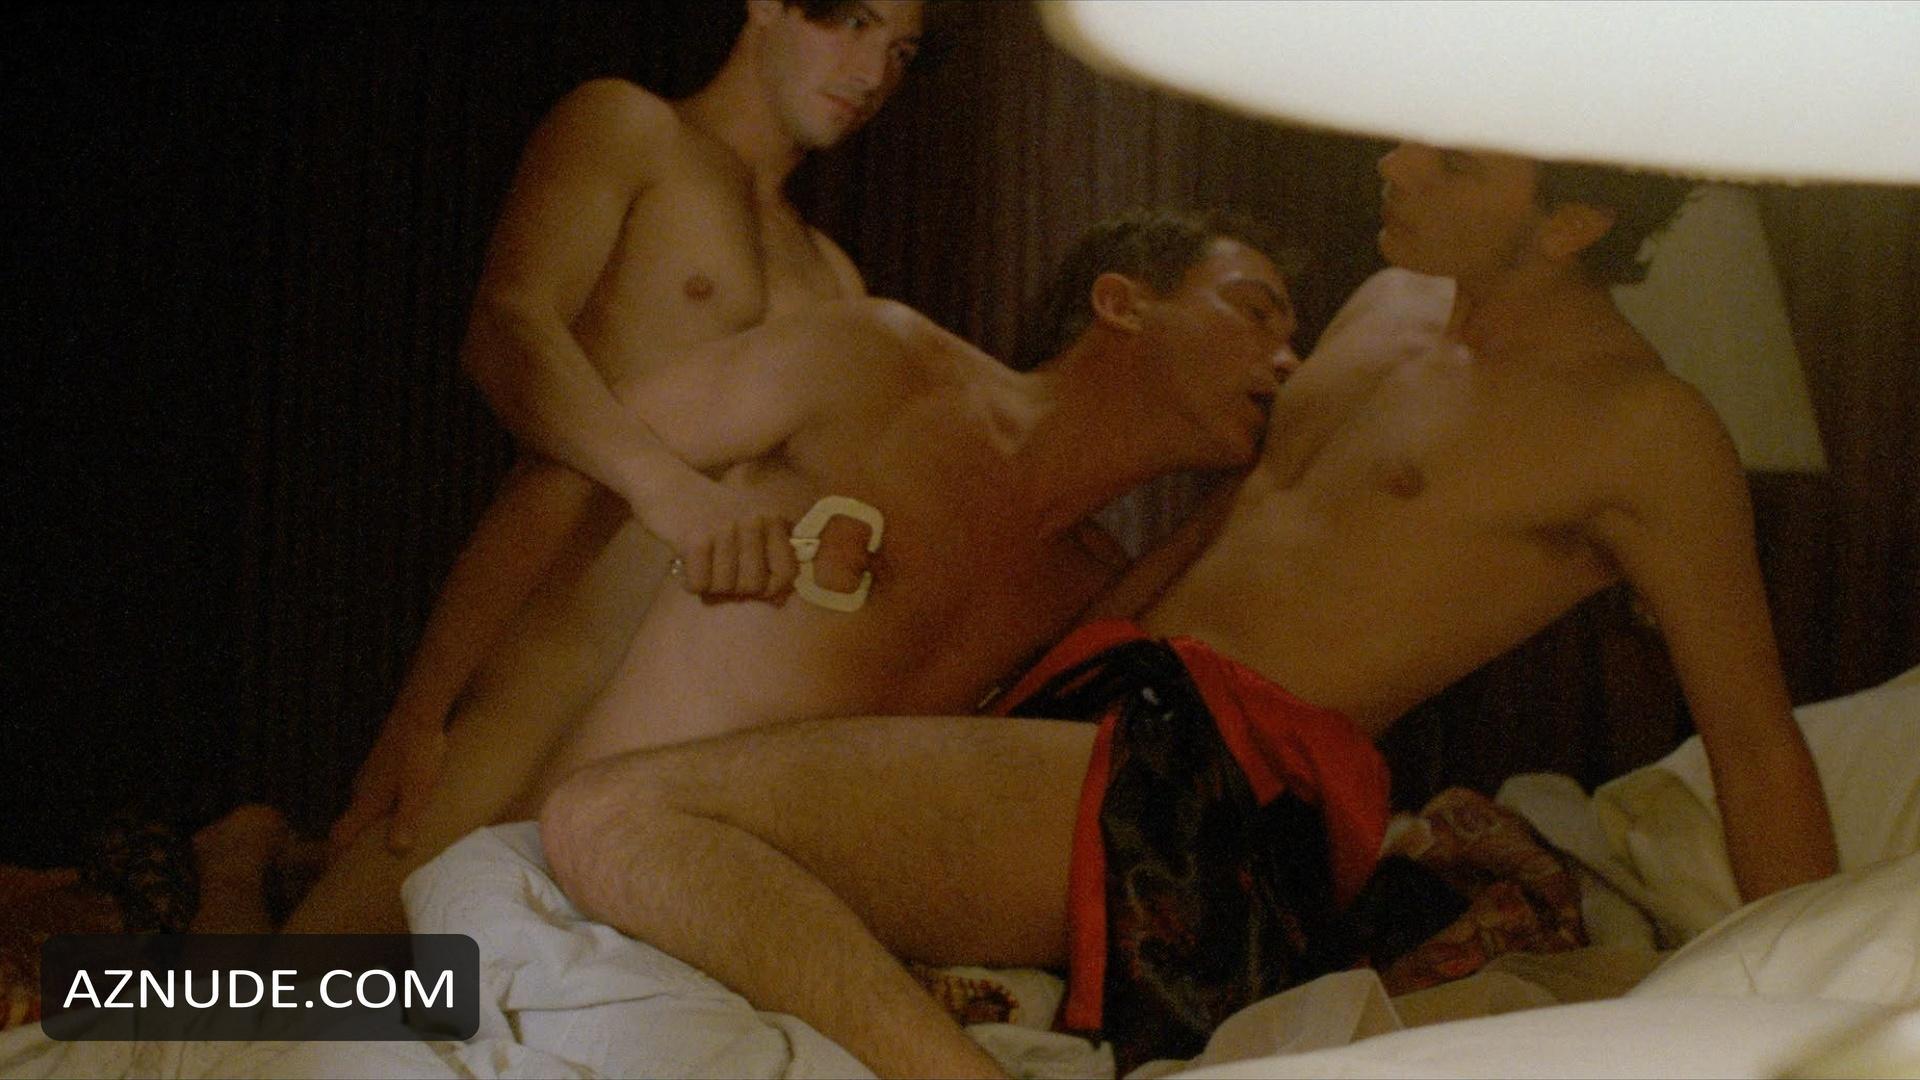 My Own Private Idaho Nude Scenes - Aznude Men-6263